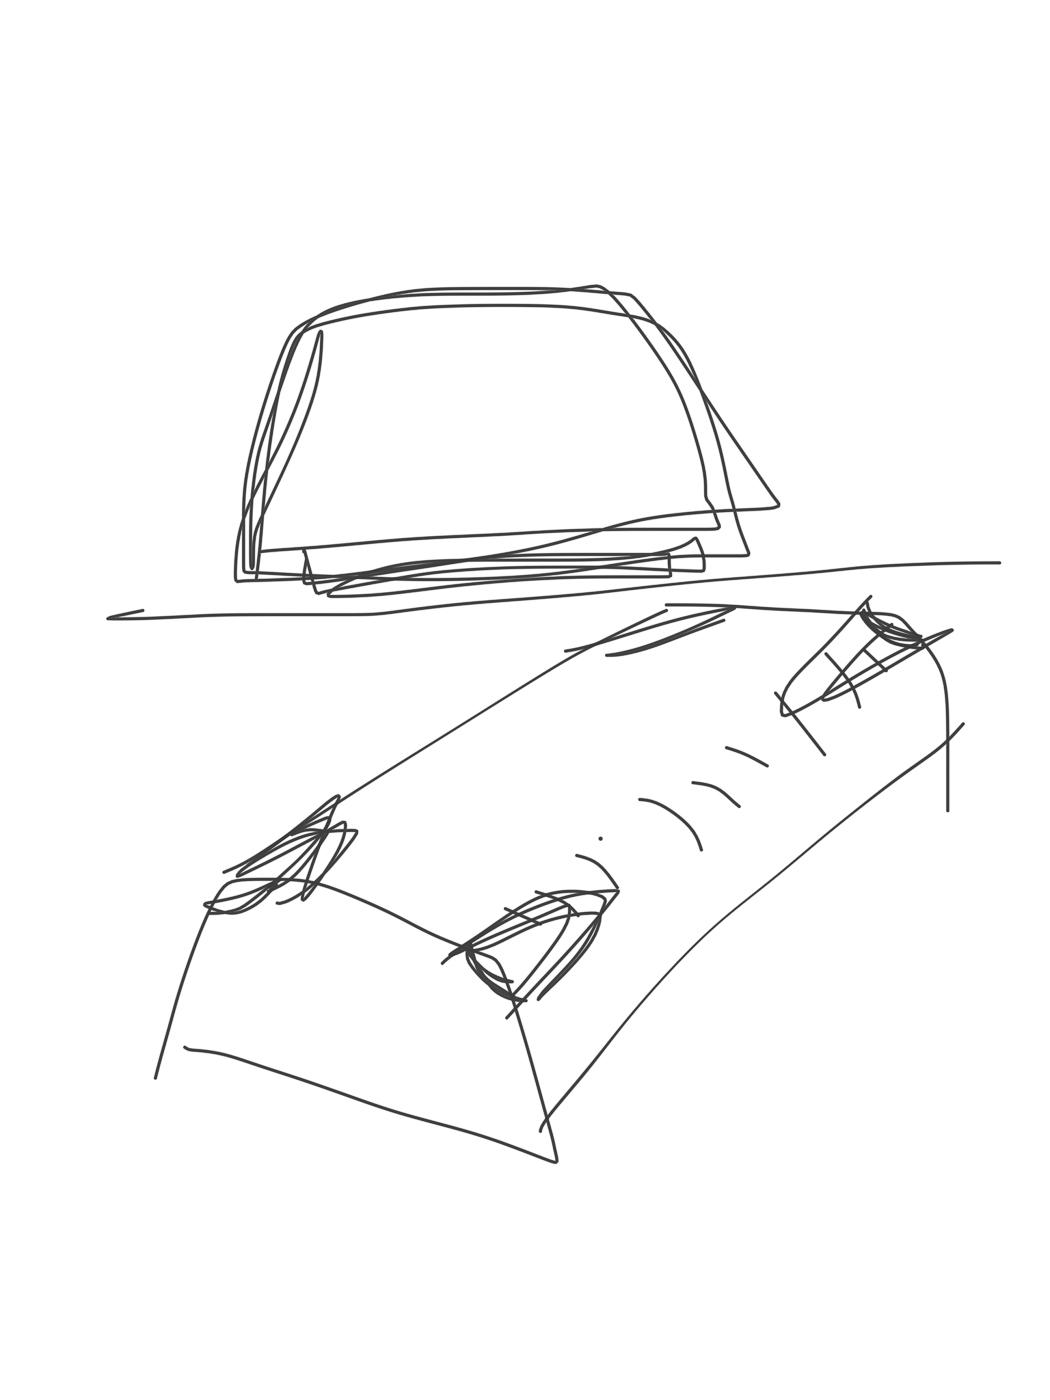 Sketch-216.jpg